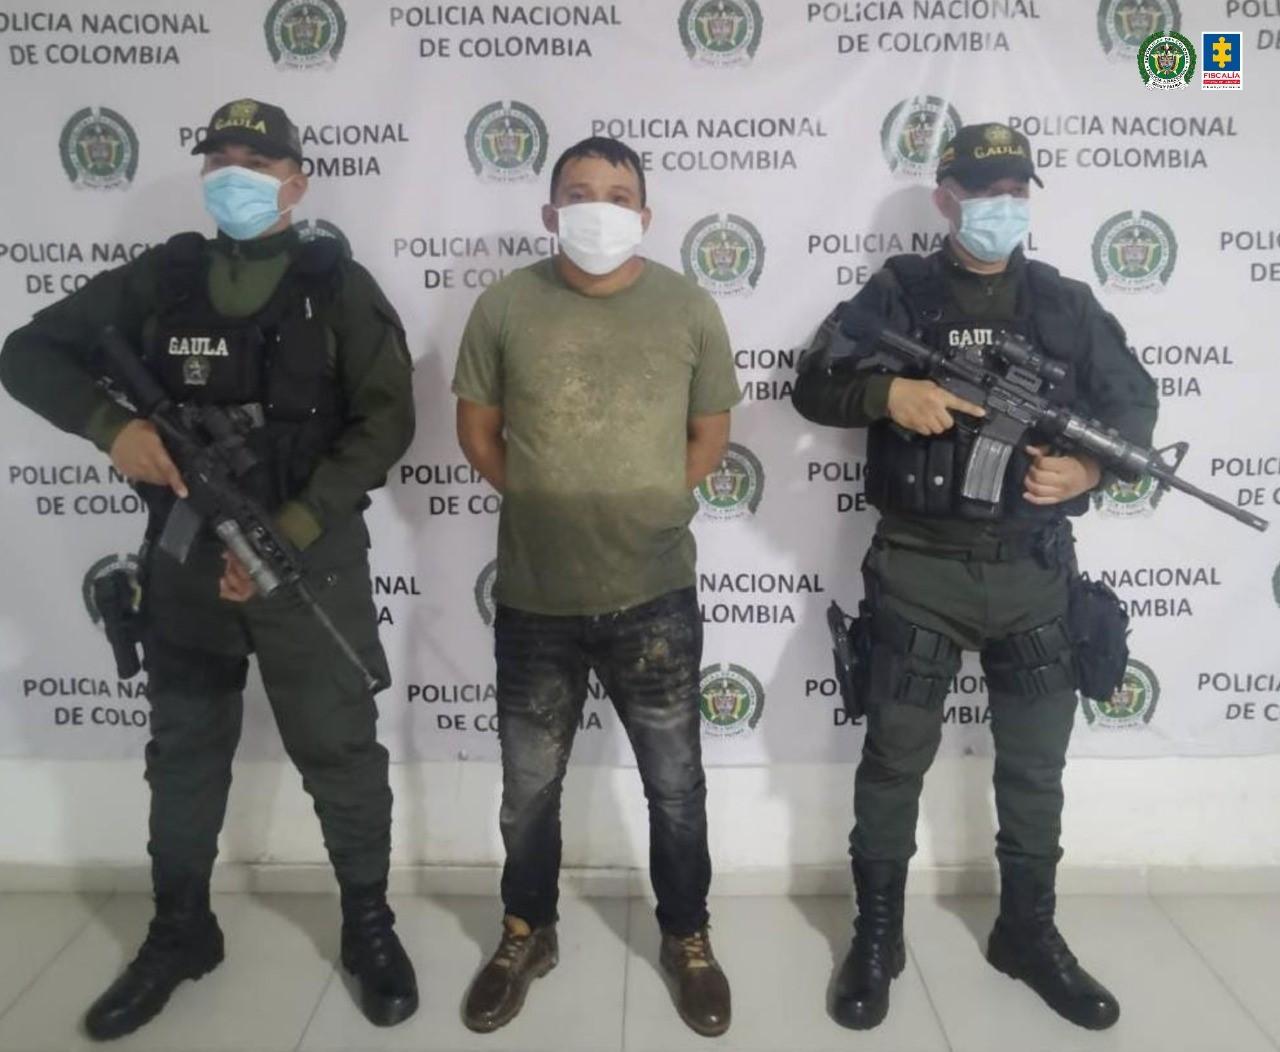 Asegurado alias Doble 6, presunto integrante del grupo armado organizado Clan del Golfo - Noticias de Colombia